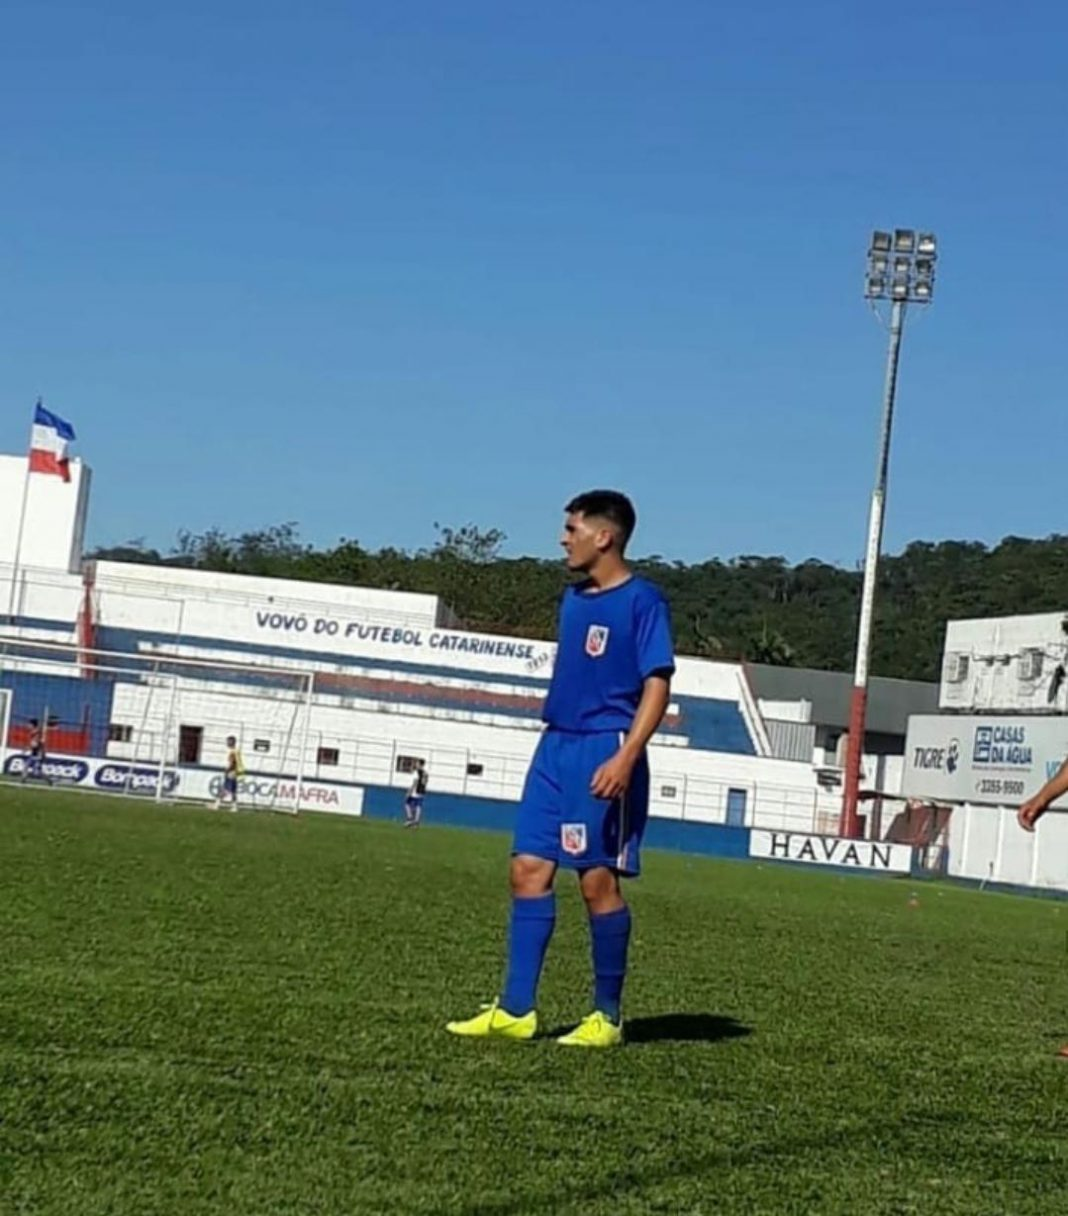 Lucas Gabriel Pires, 18 anos, quando atuou na base do Clube Atlético Carlos Renaux